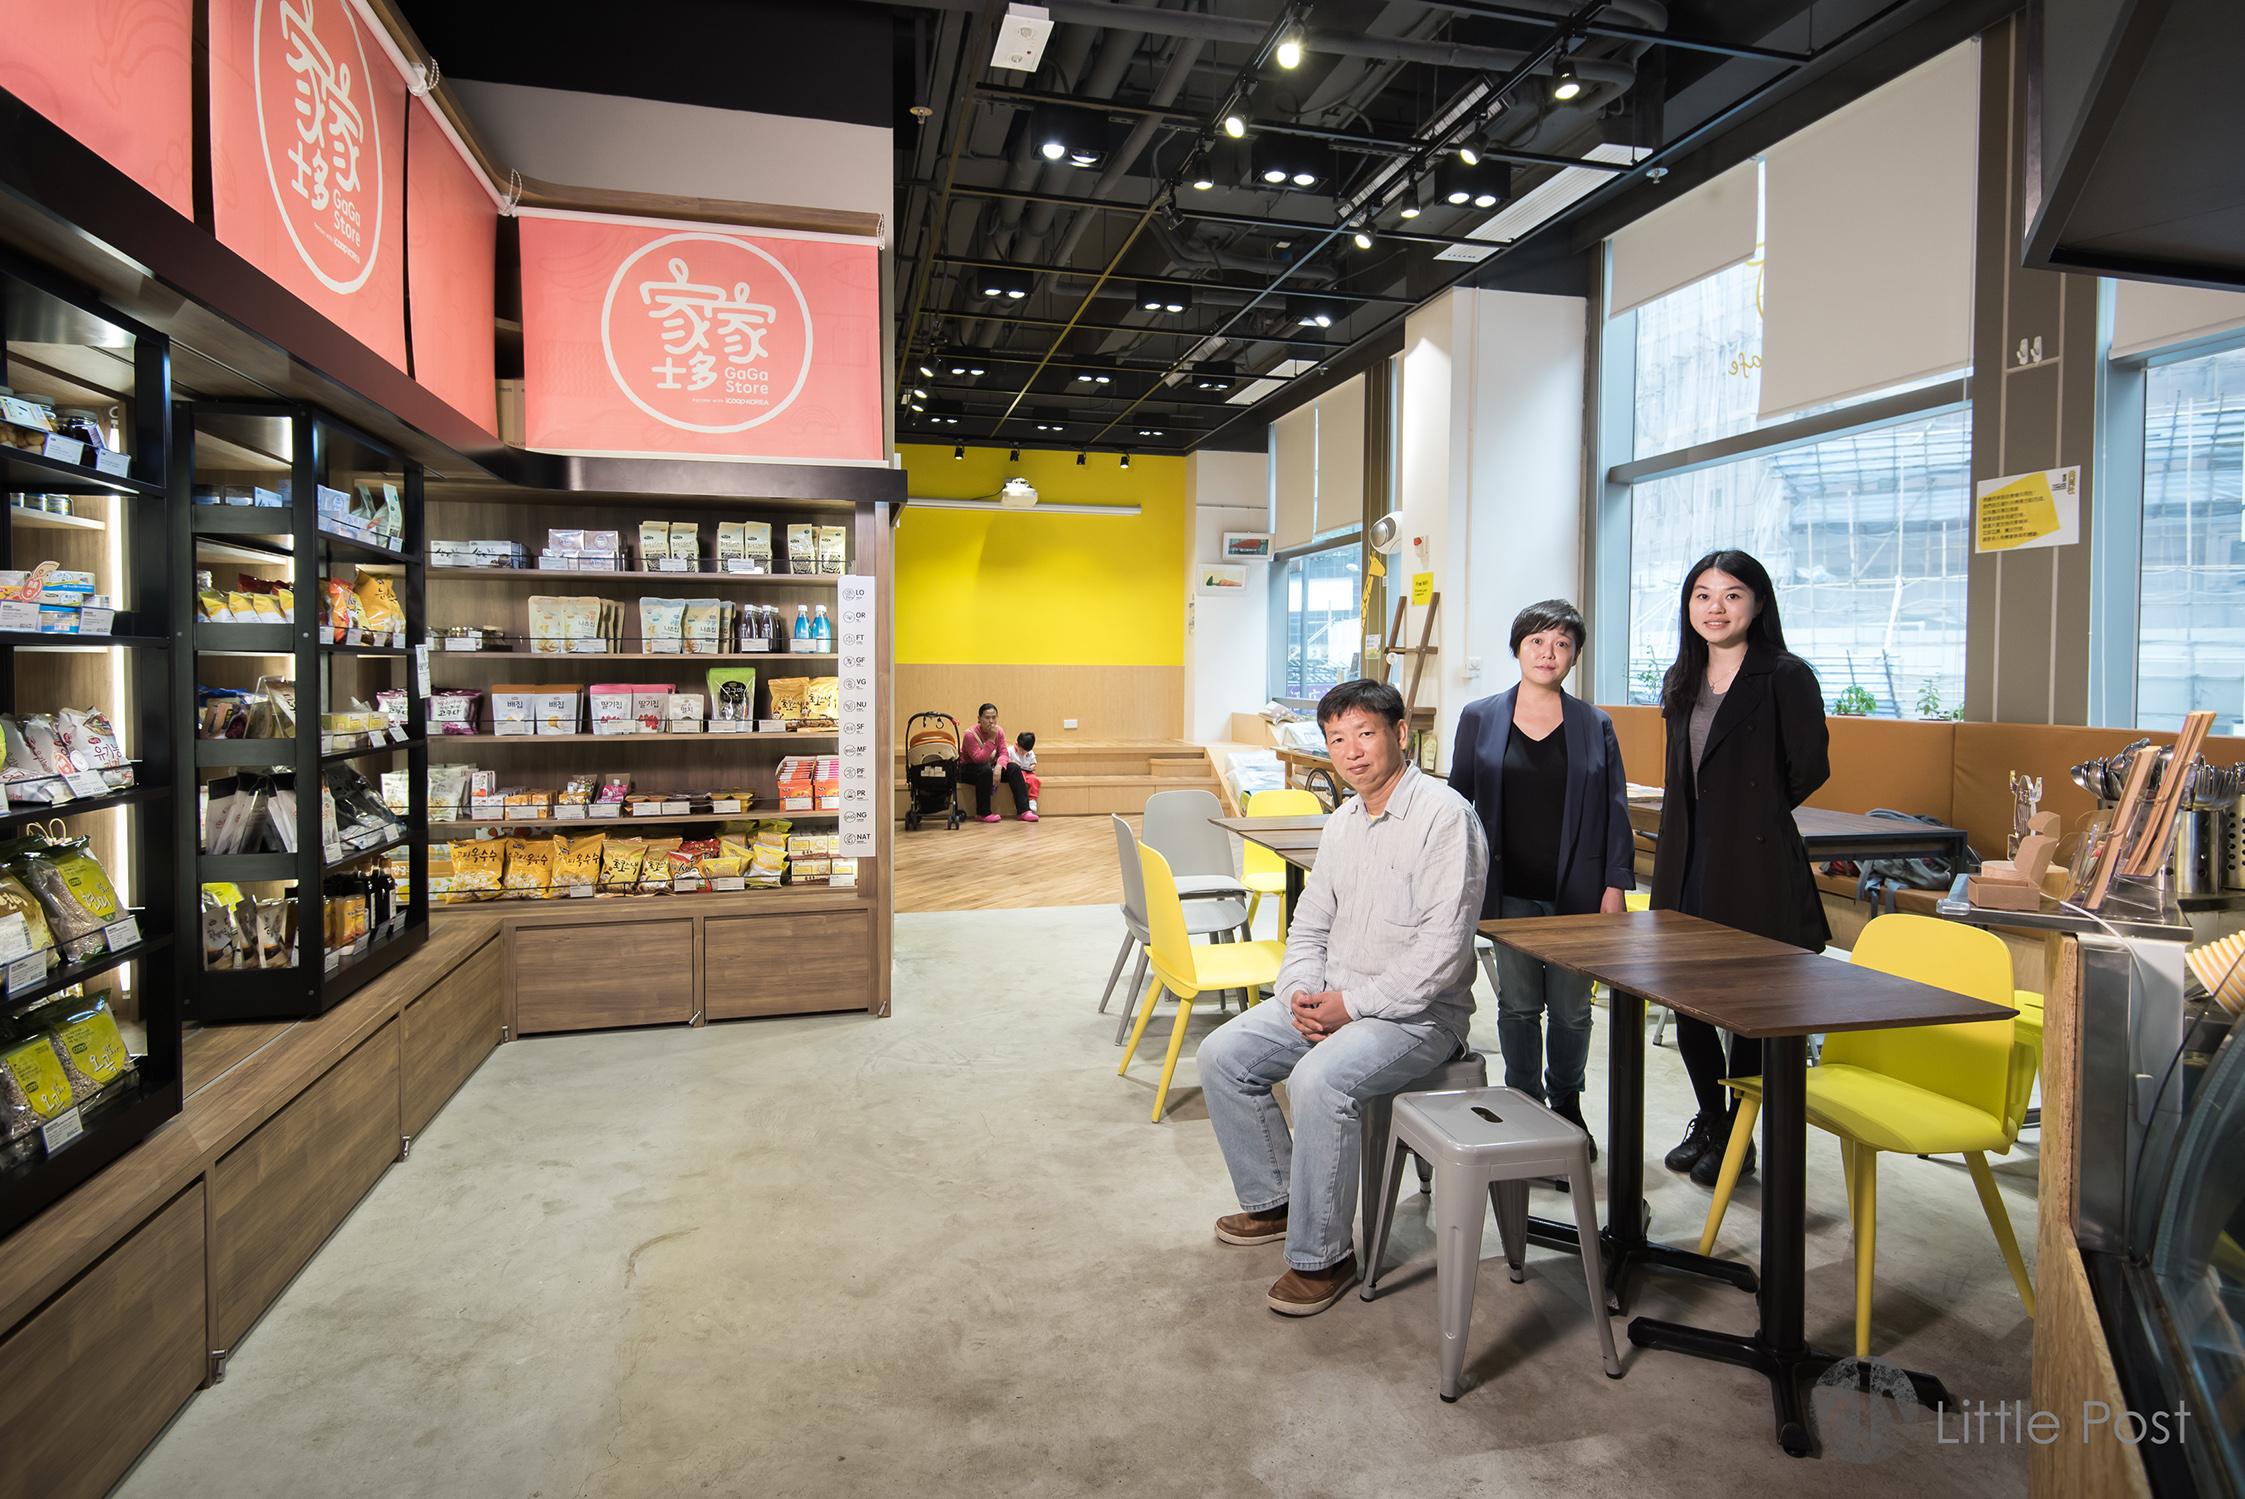 壹樓共同社創辦人鄒崇銘(左)、家家學堂的Carmen(中)及家家廚房的 Winky(右)一起參與這場共租共享空間的實業。